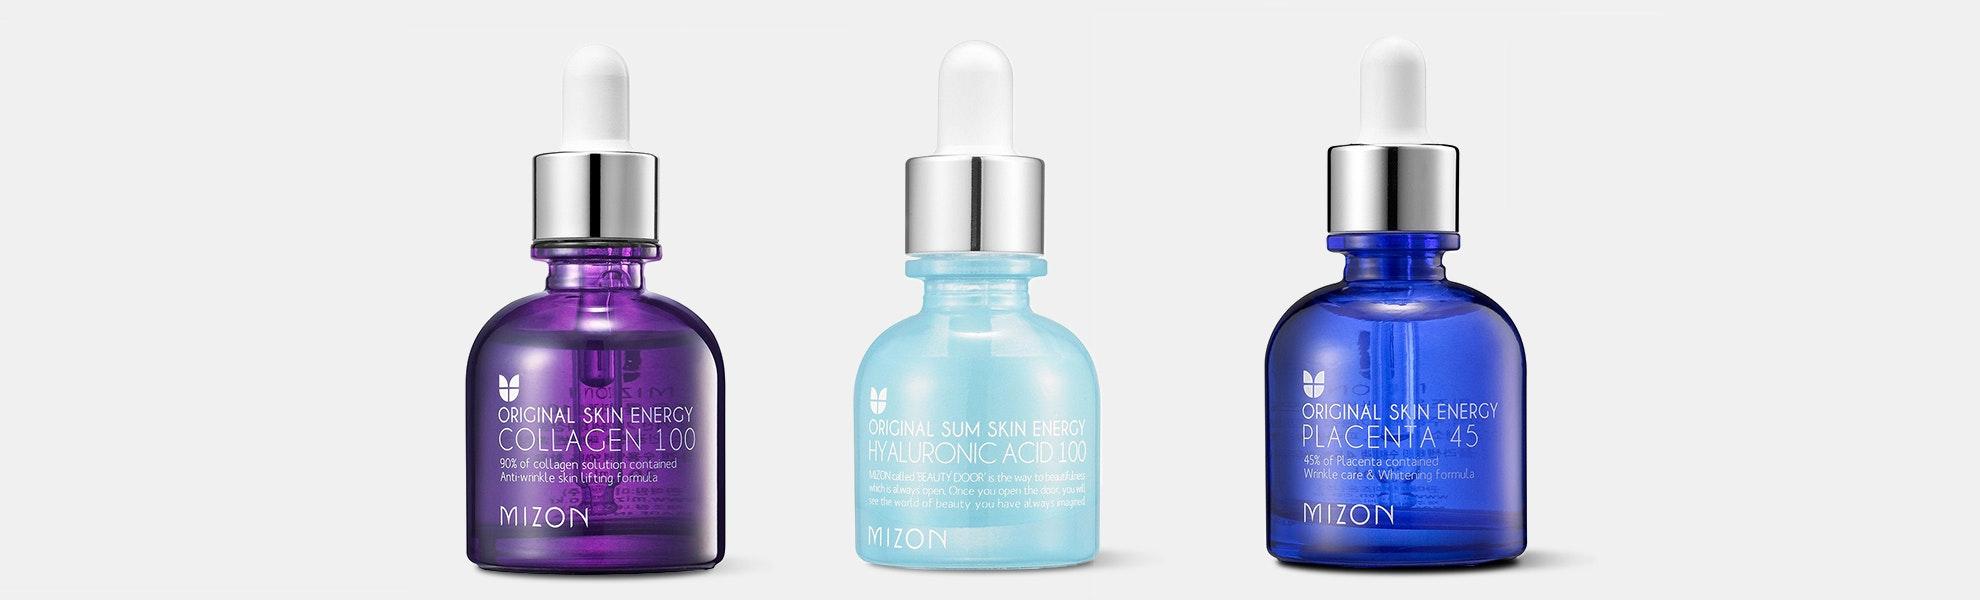 Mizon Original Skin Energy 30ml Serums (2-Pack)